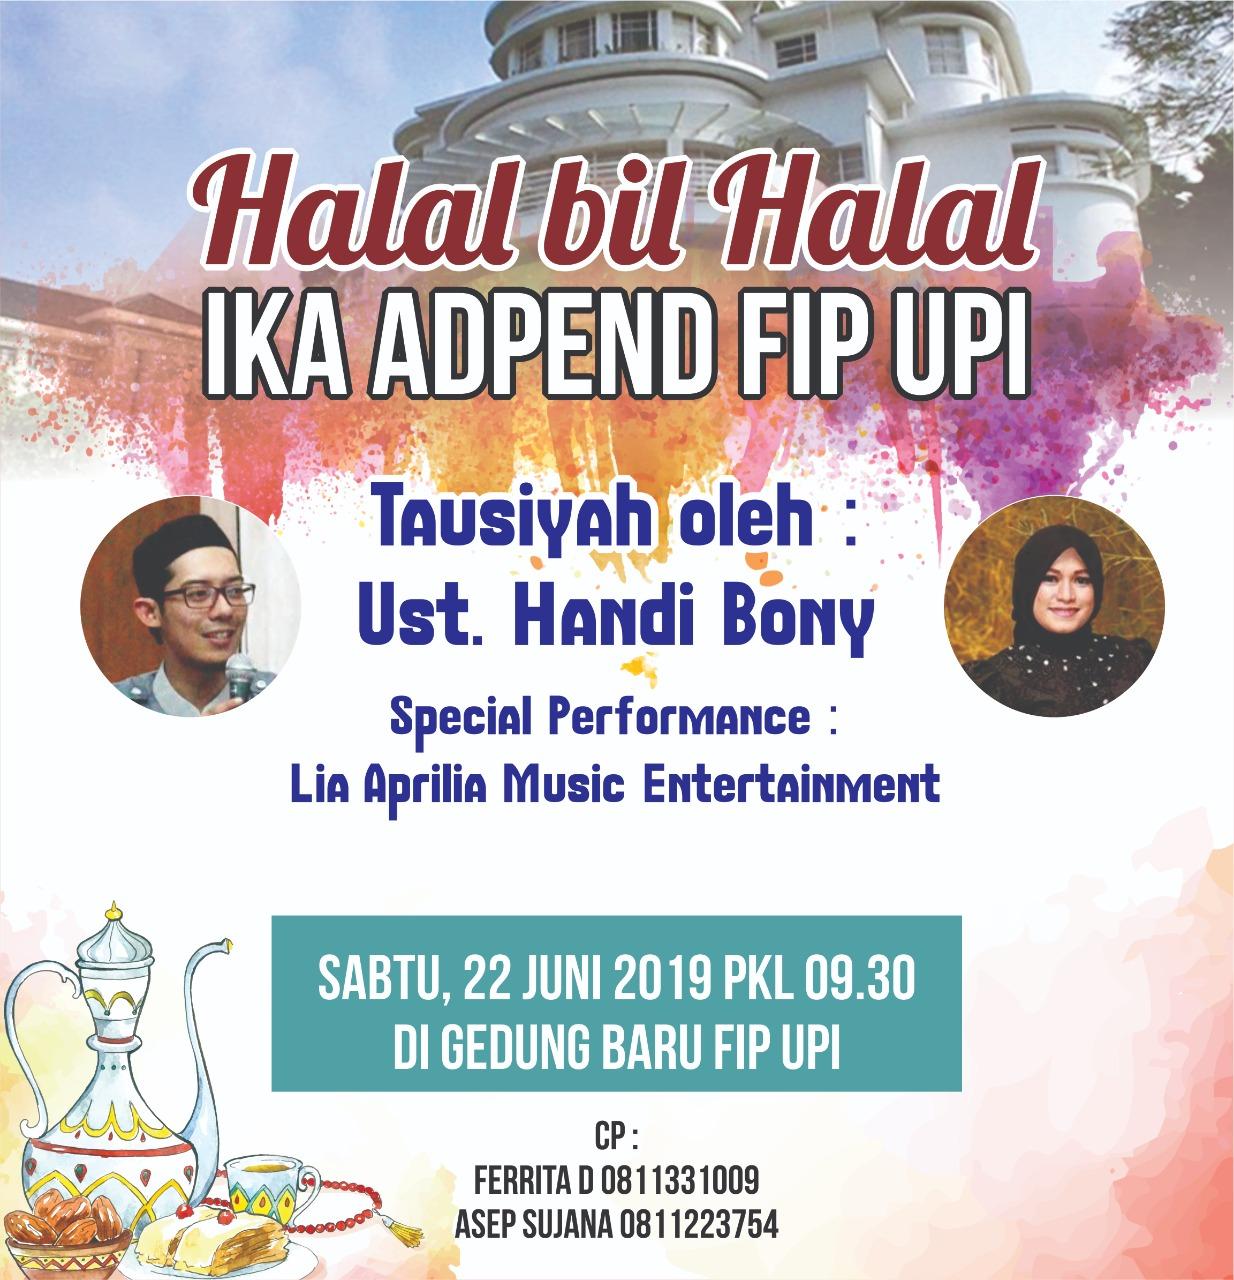 Halal Bil Halal Alumni Adpend 2019